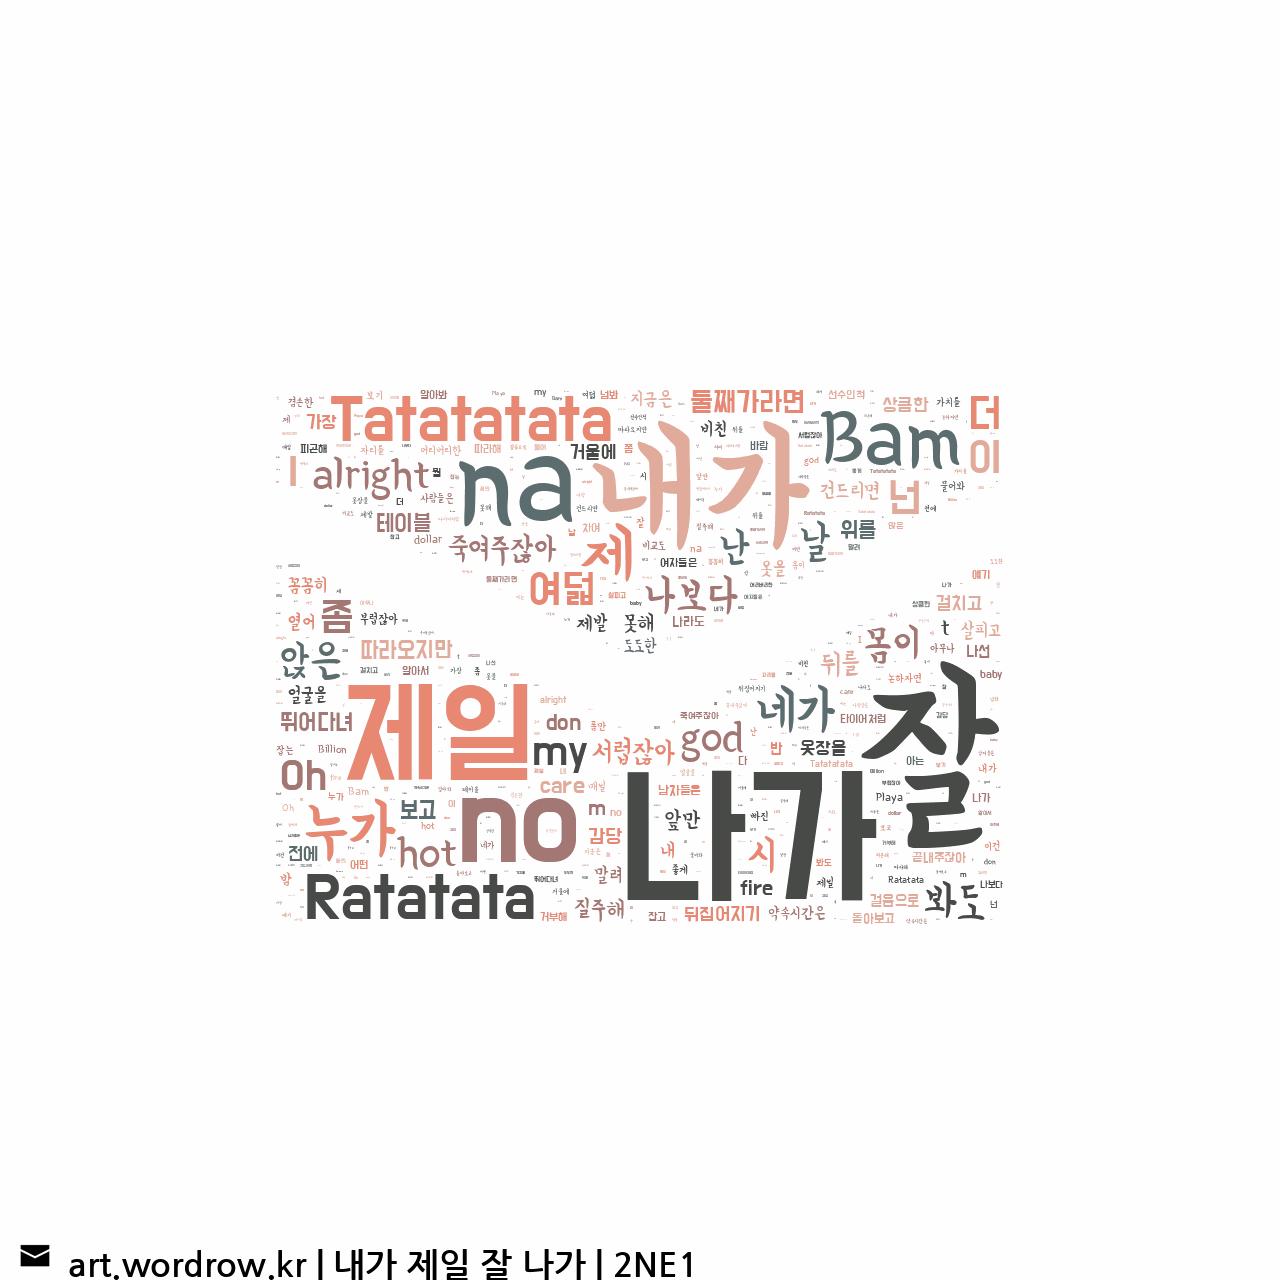 워드 클라우드: 내가 제일 잘 나가 [2NE1]-73